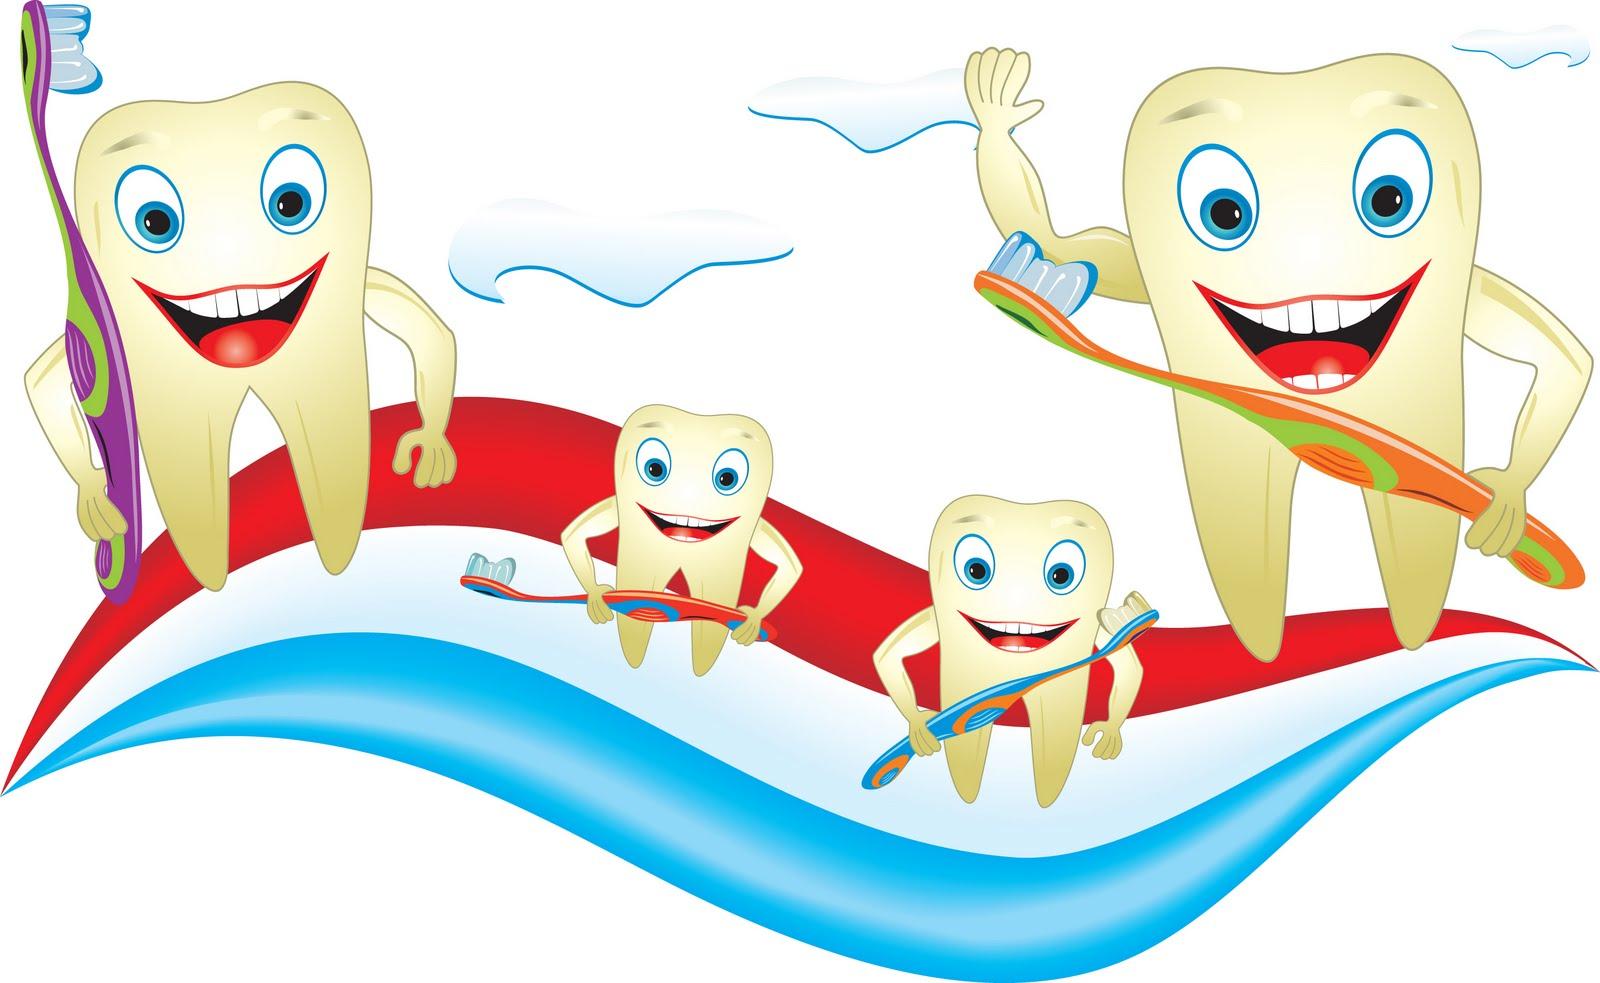 Dental clipart borders clip art transparent stock Dental Clipart Borders - Free Clipart clip art transparent stock